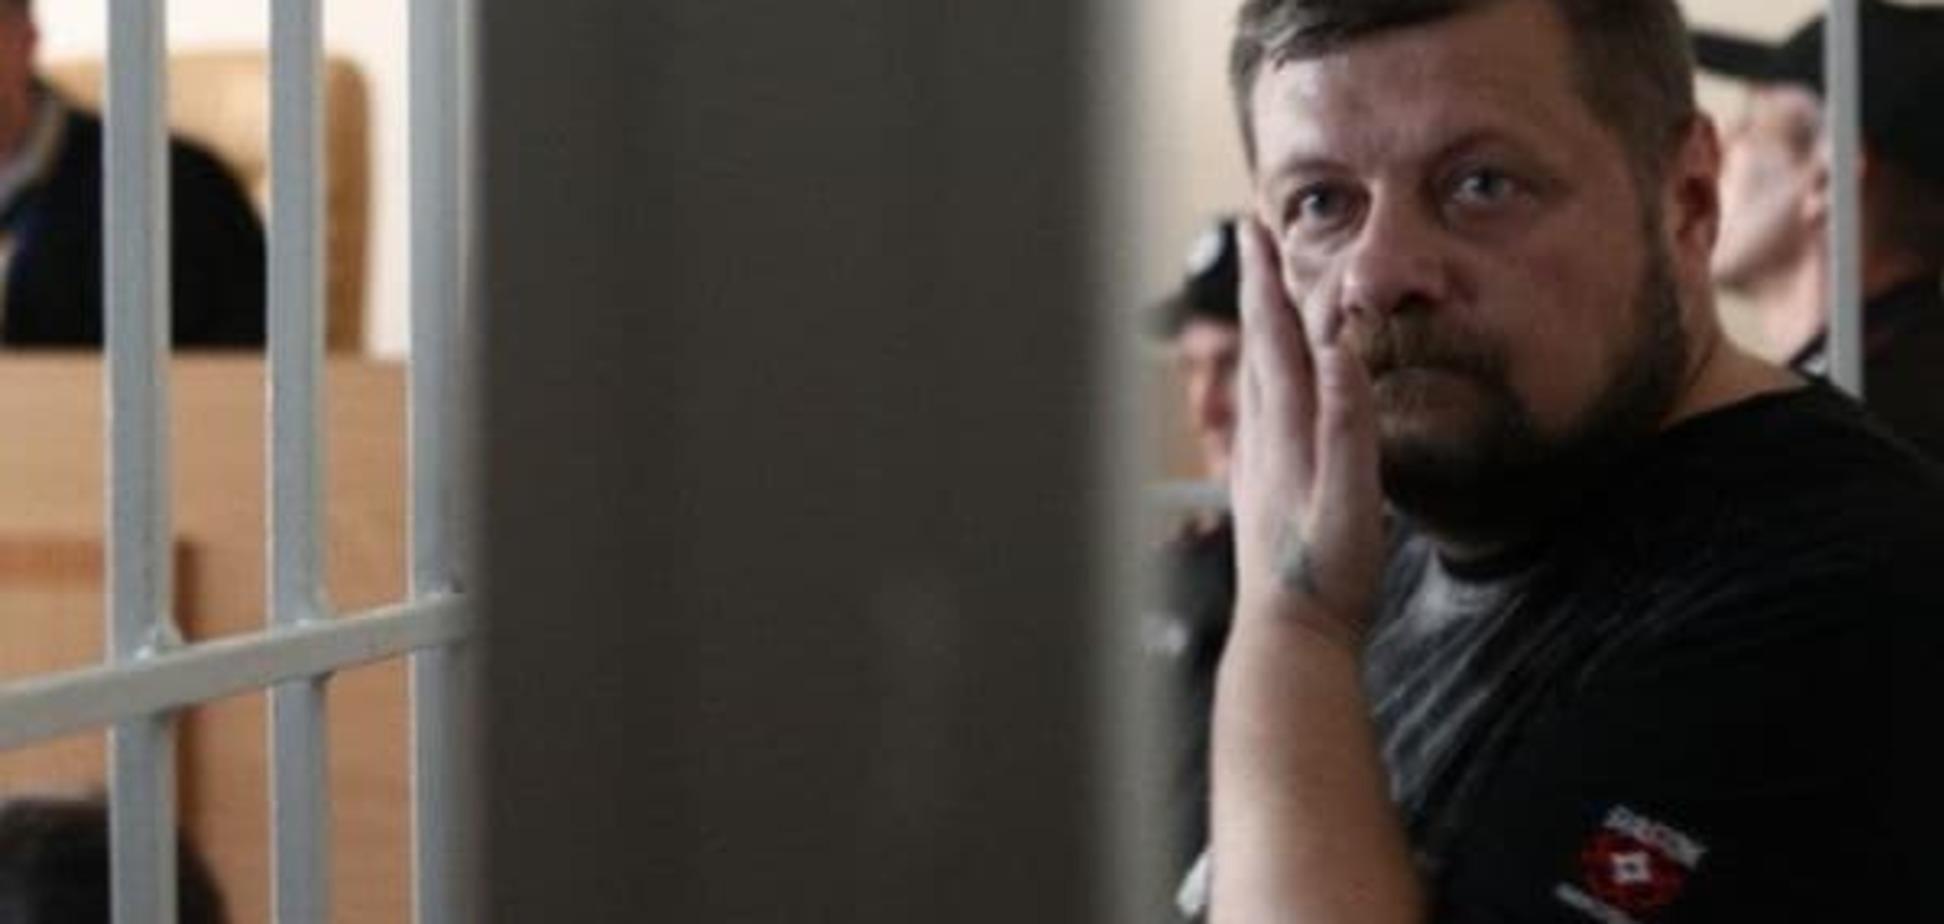 Дело Мосийчука: заседание суда отложено из-за незрячего адвоката